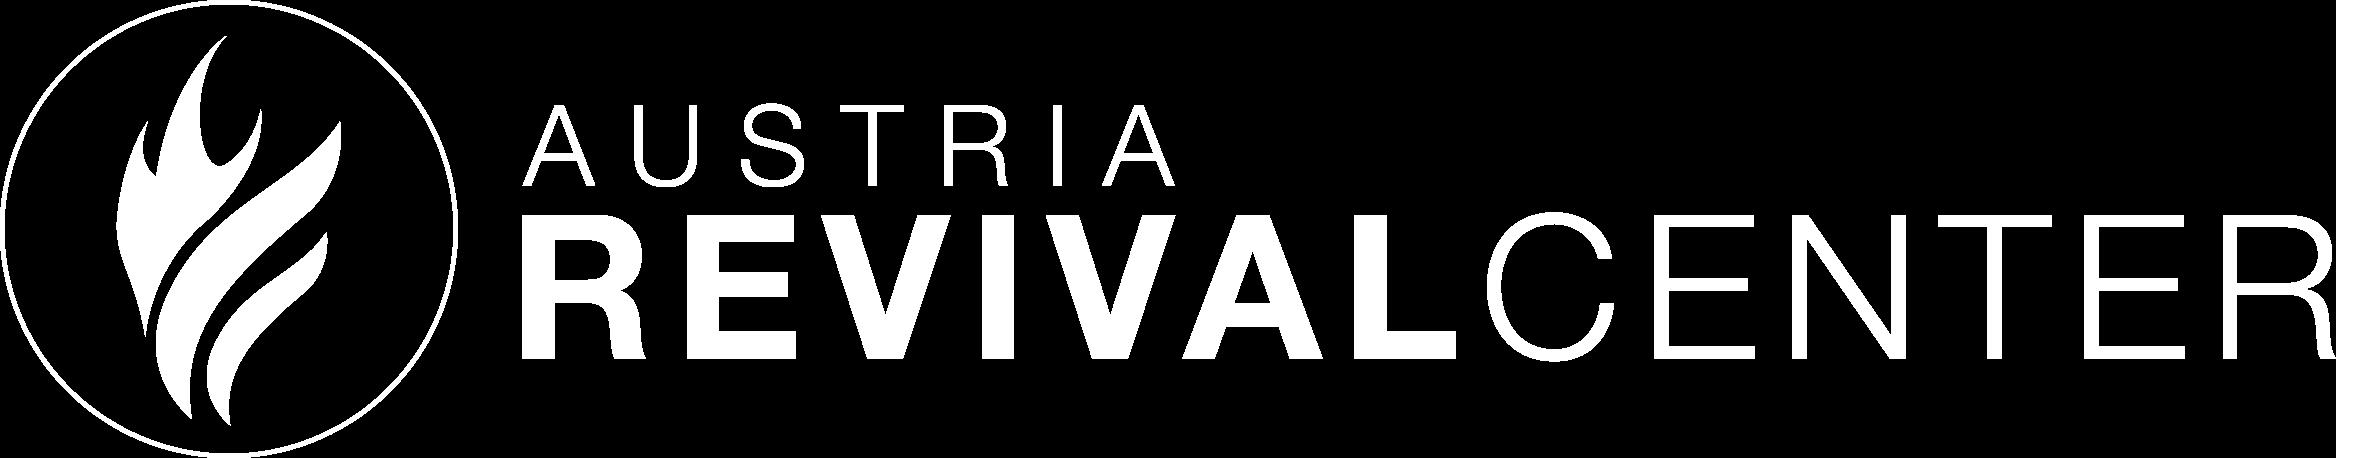 logo-revivalcenter-lang-white